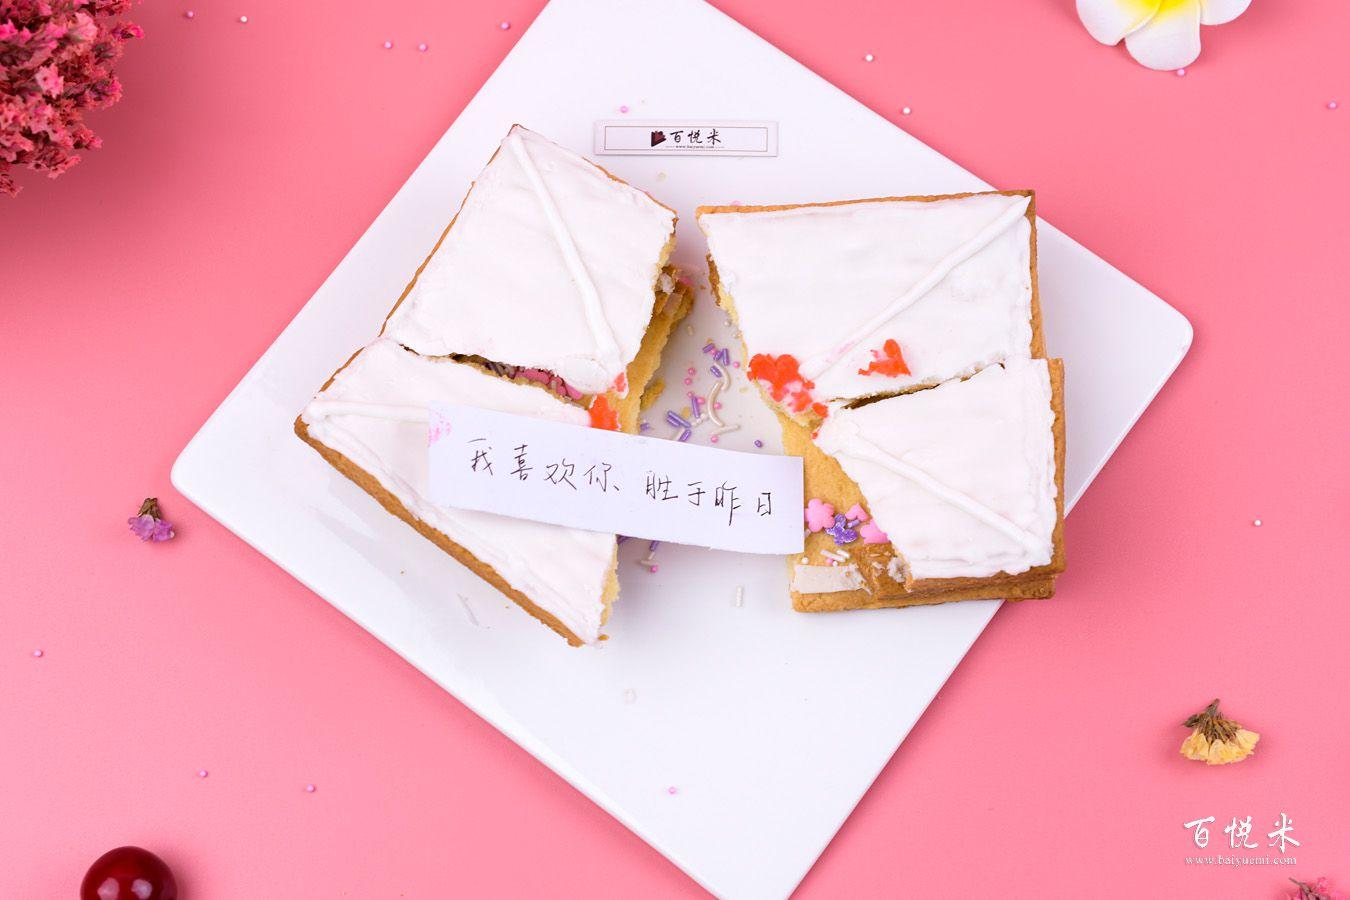 情书糖霜饼干的做法大全,情书糖霜饼干西点培训图文步骤分享